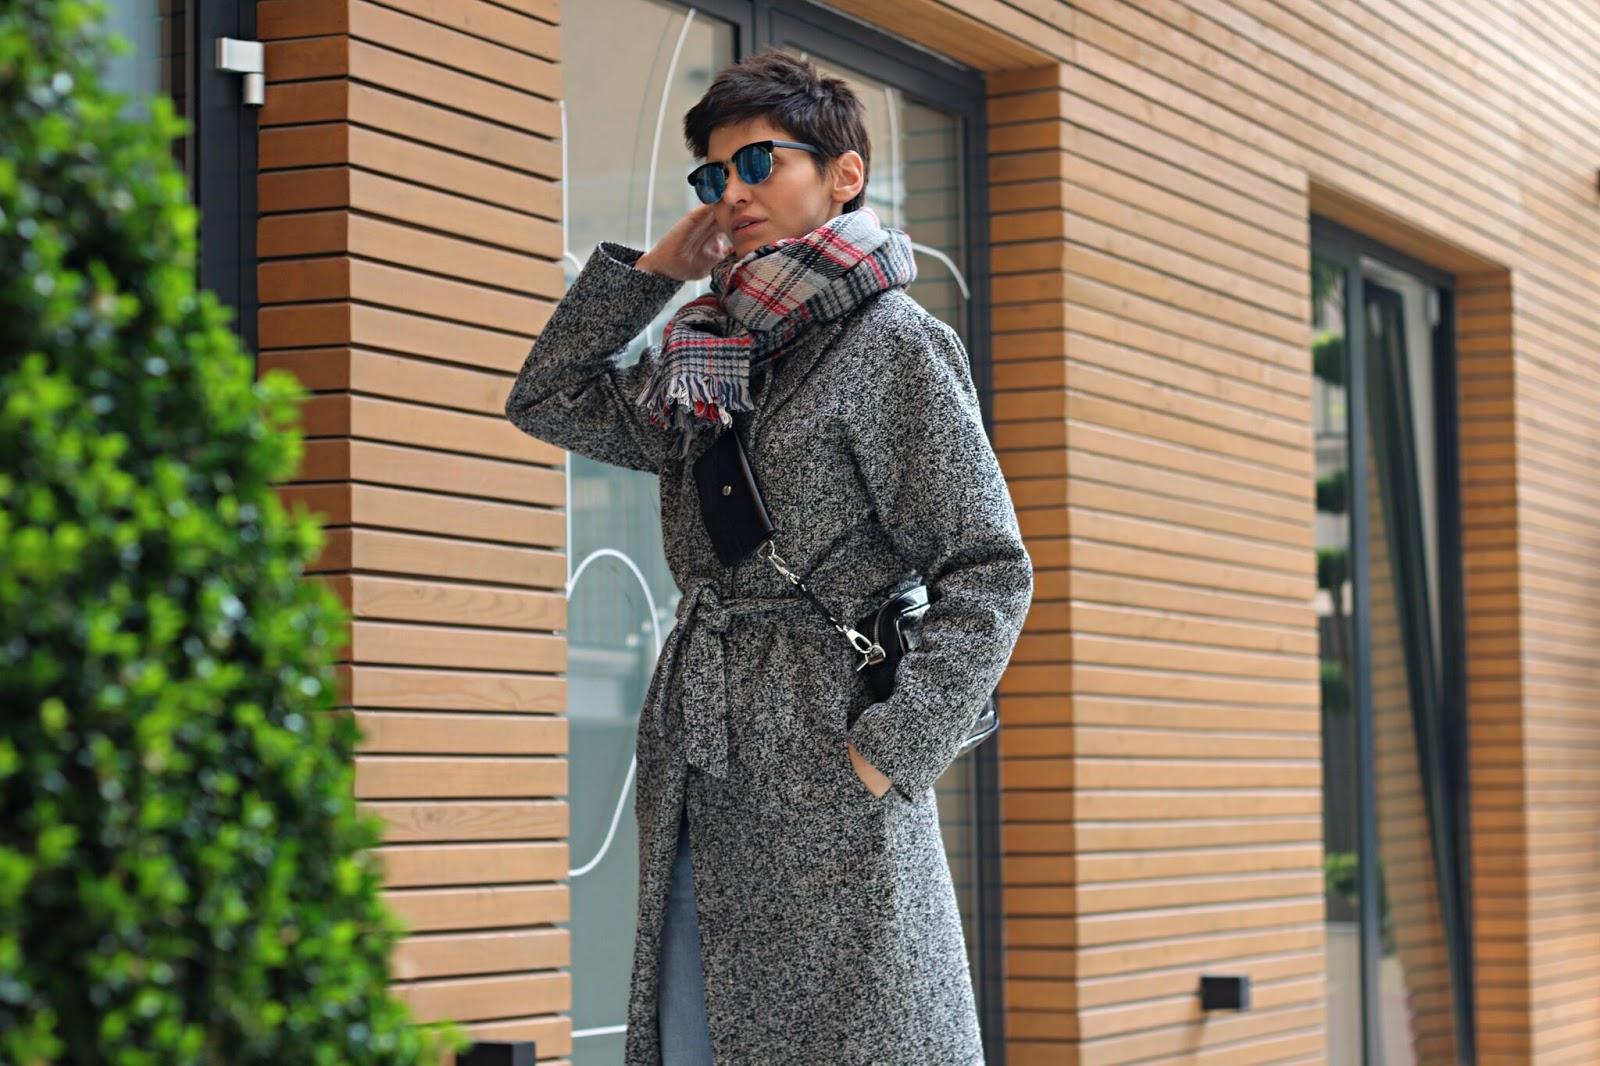 Codzienna stylizacja - ulubiony klasyczny płaszcz